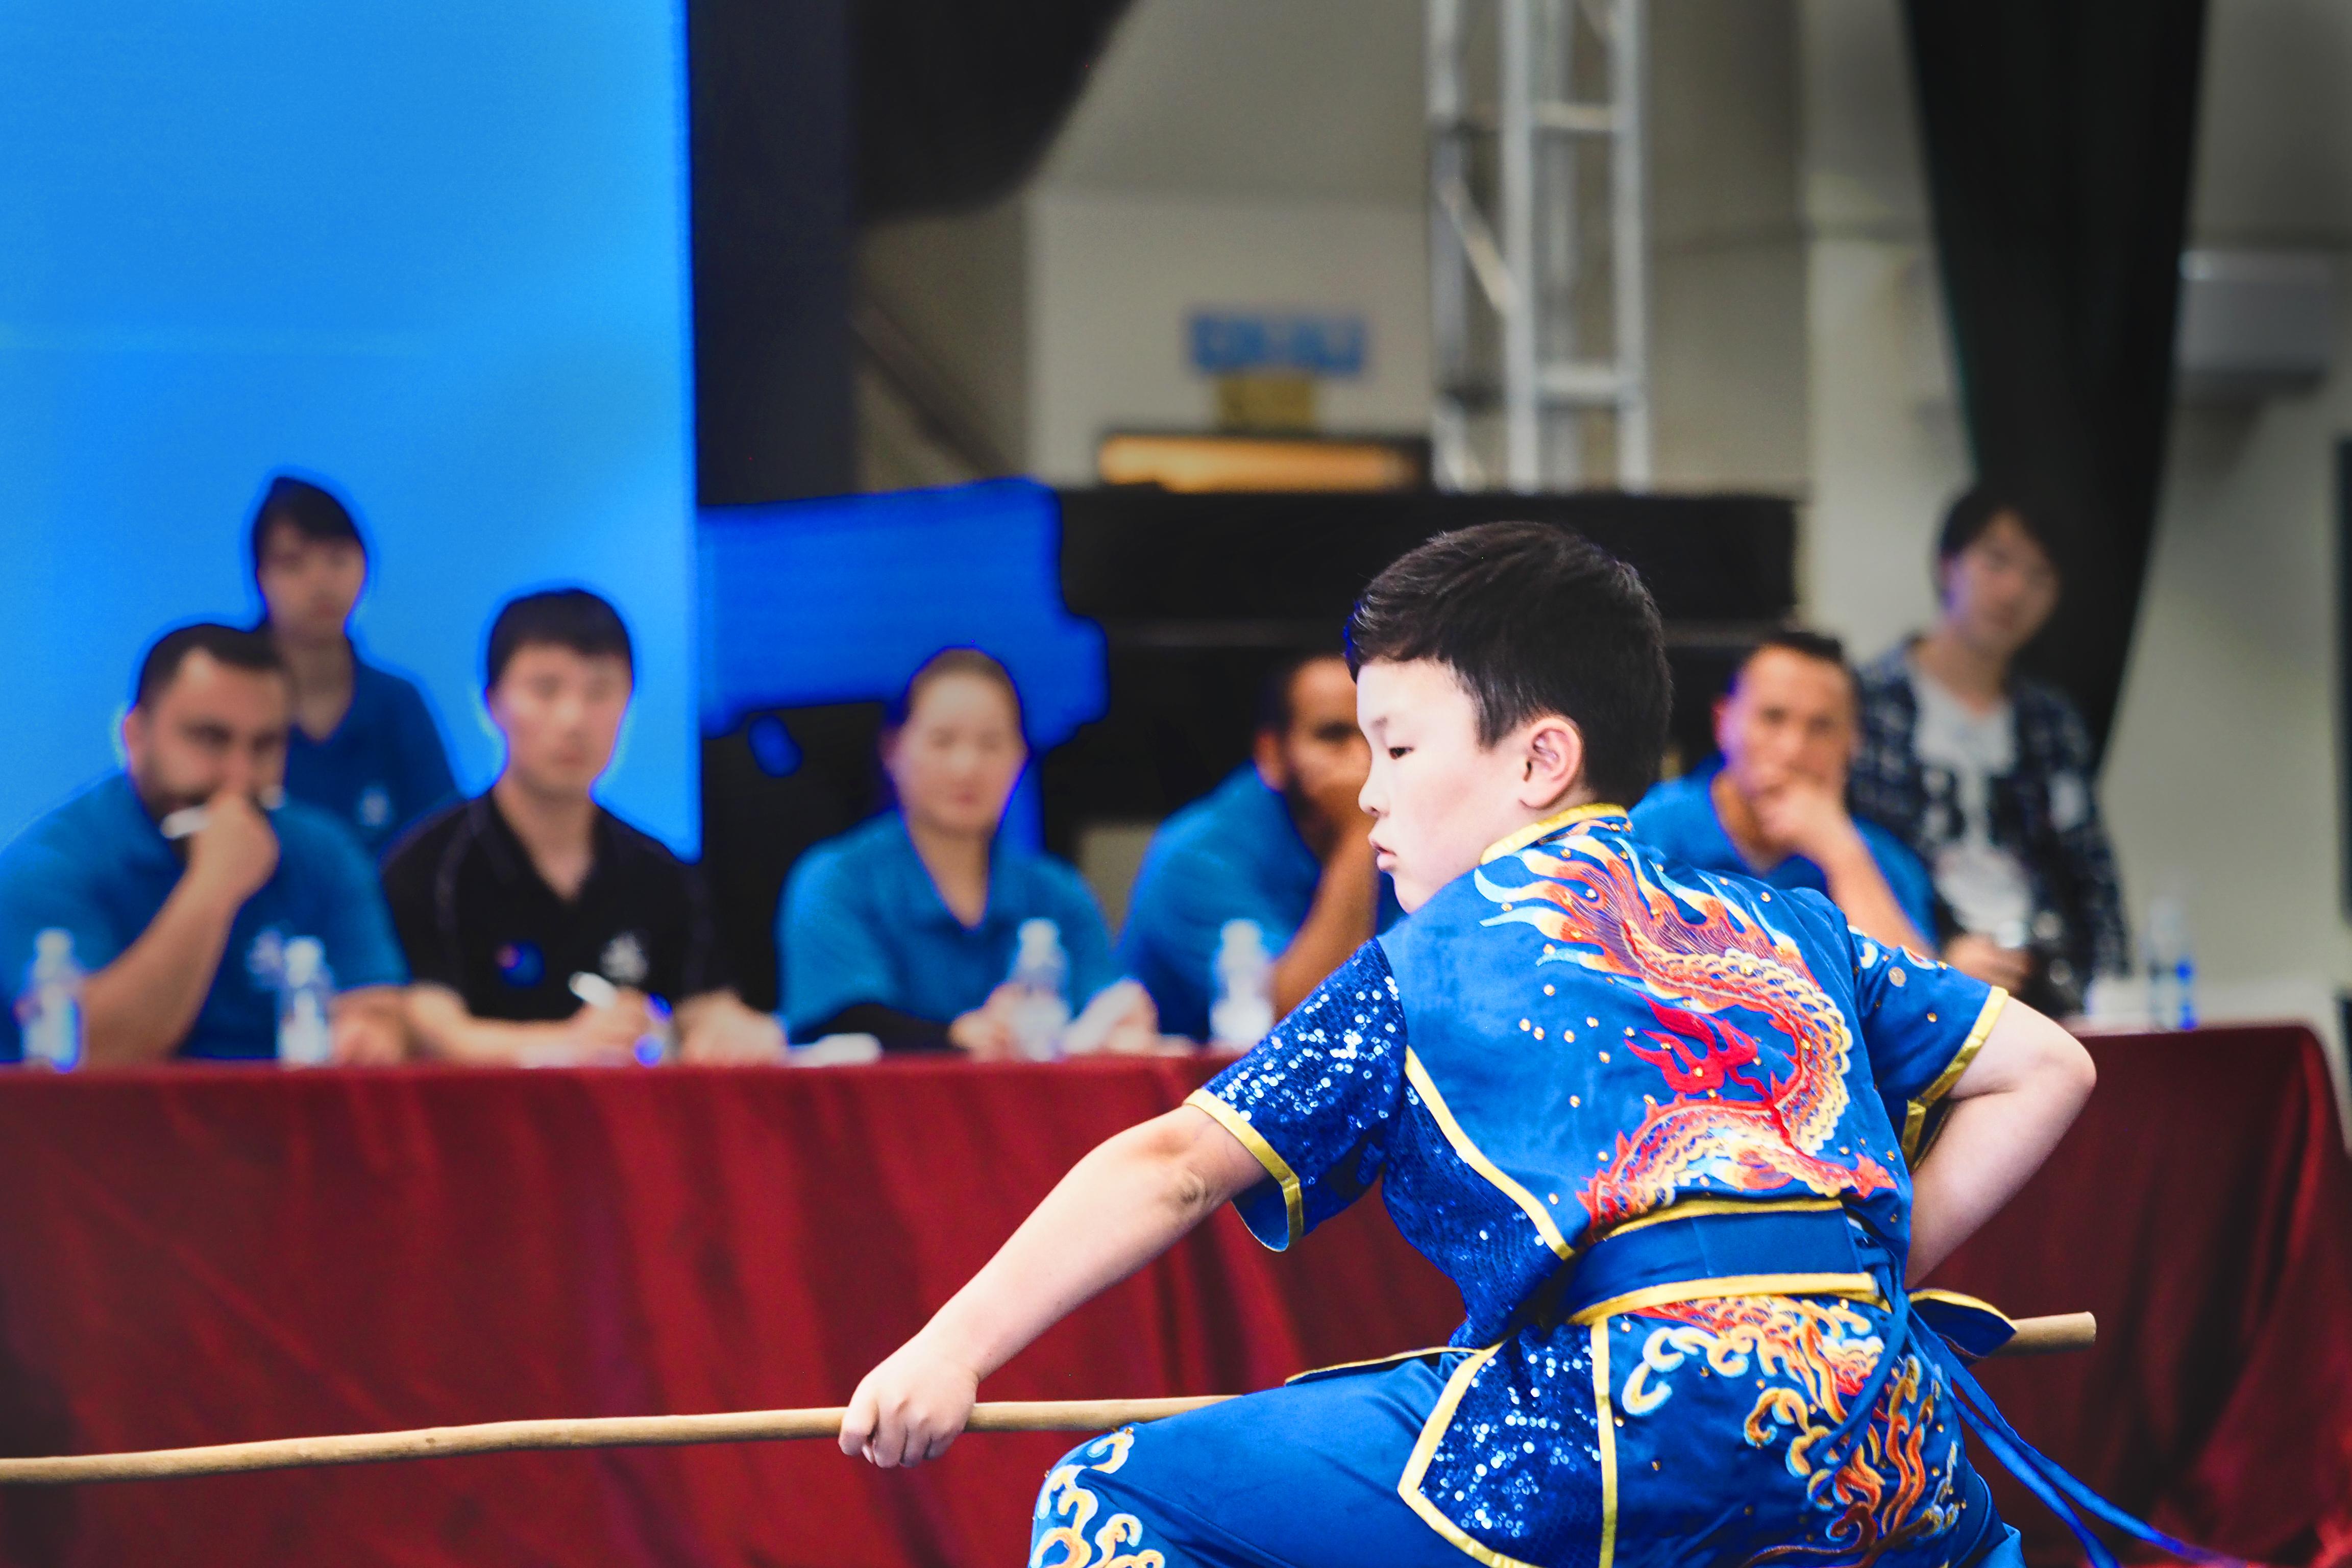 Antony Zhou - staff, wushu